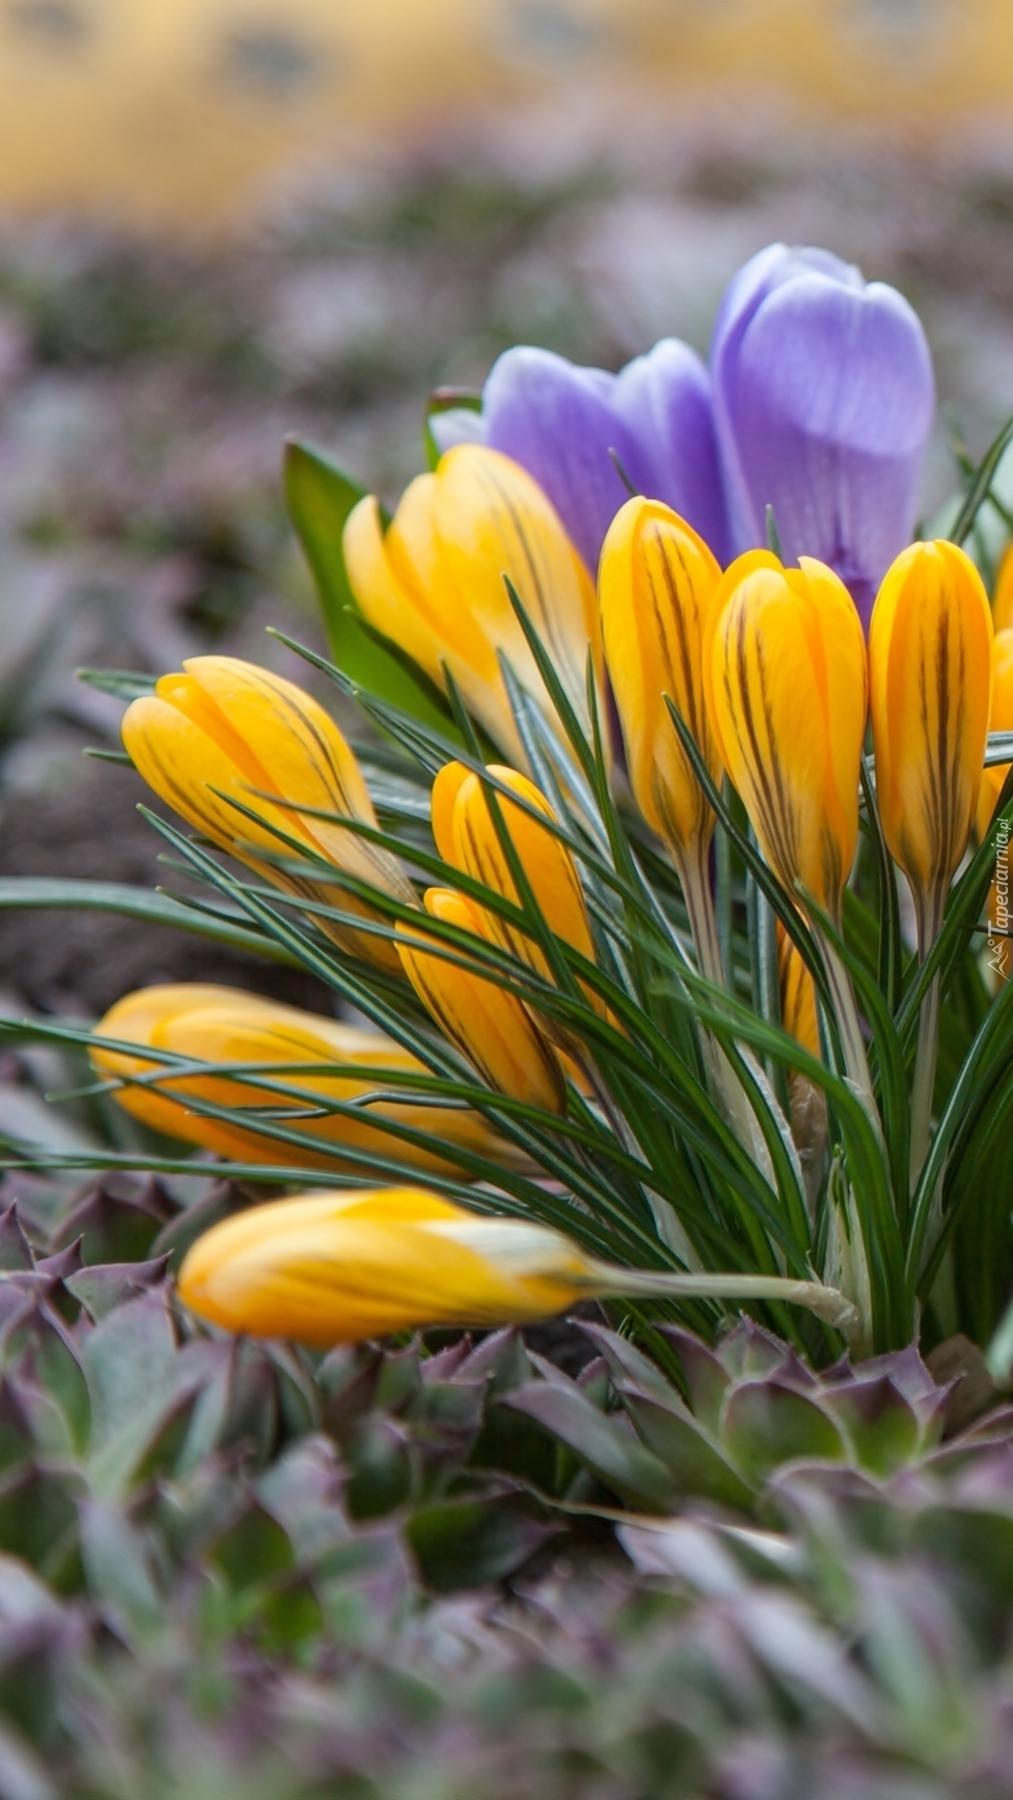 Żółte i fioletowe krokusy w trawie